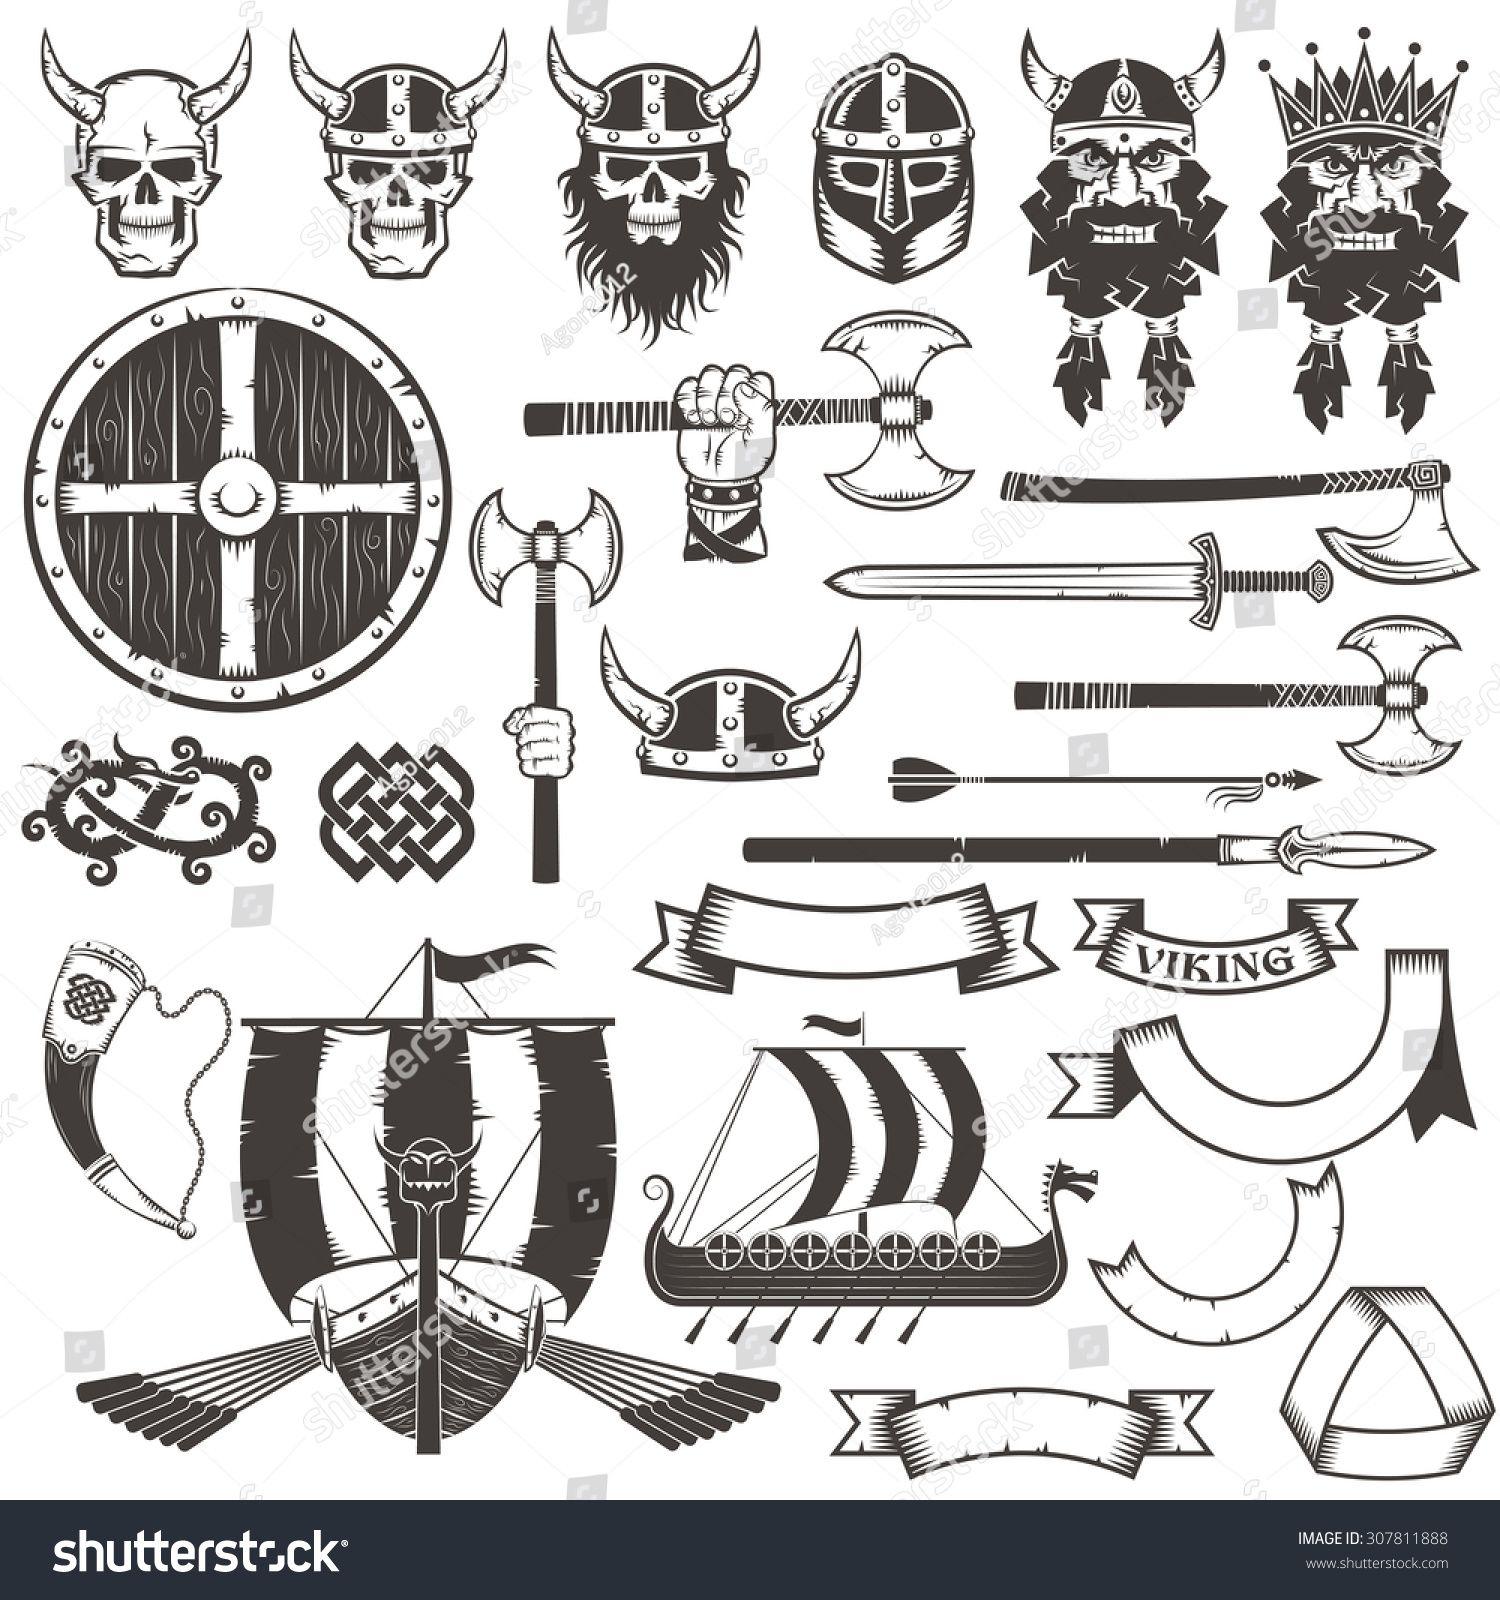 Set Viking Items Skull Horned Helmet Face Of Warrior Shield Ax Sword Arrow Spear Dragon Ribbons Ban Viking Helmet Tattoo Viking Sword Tattoo Vikings